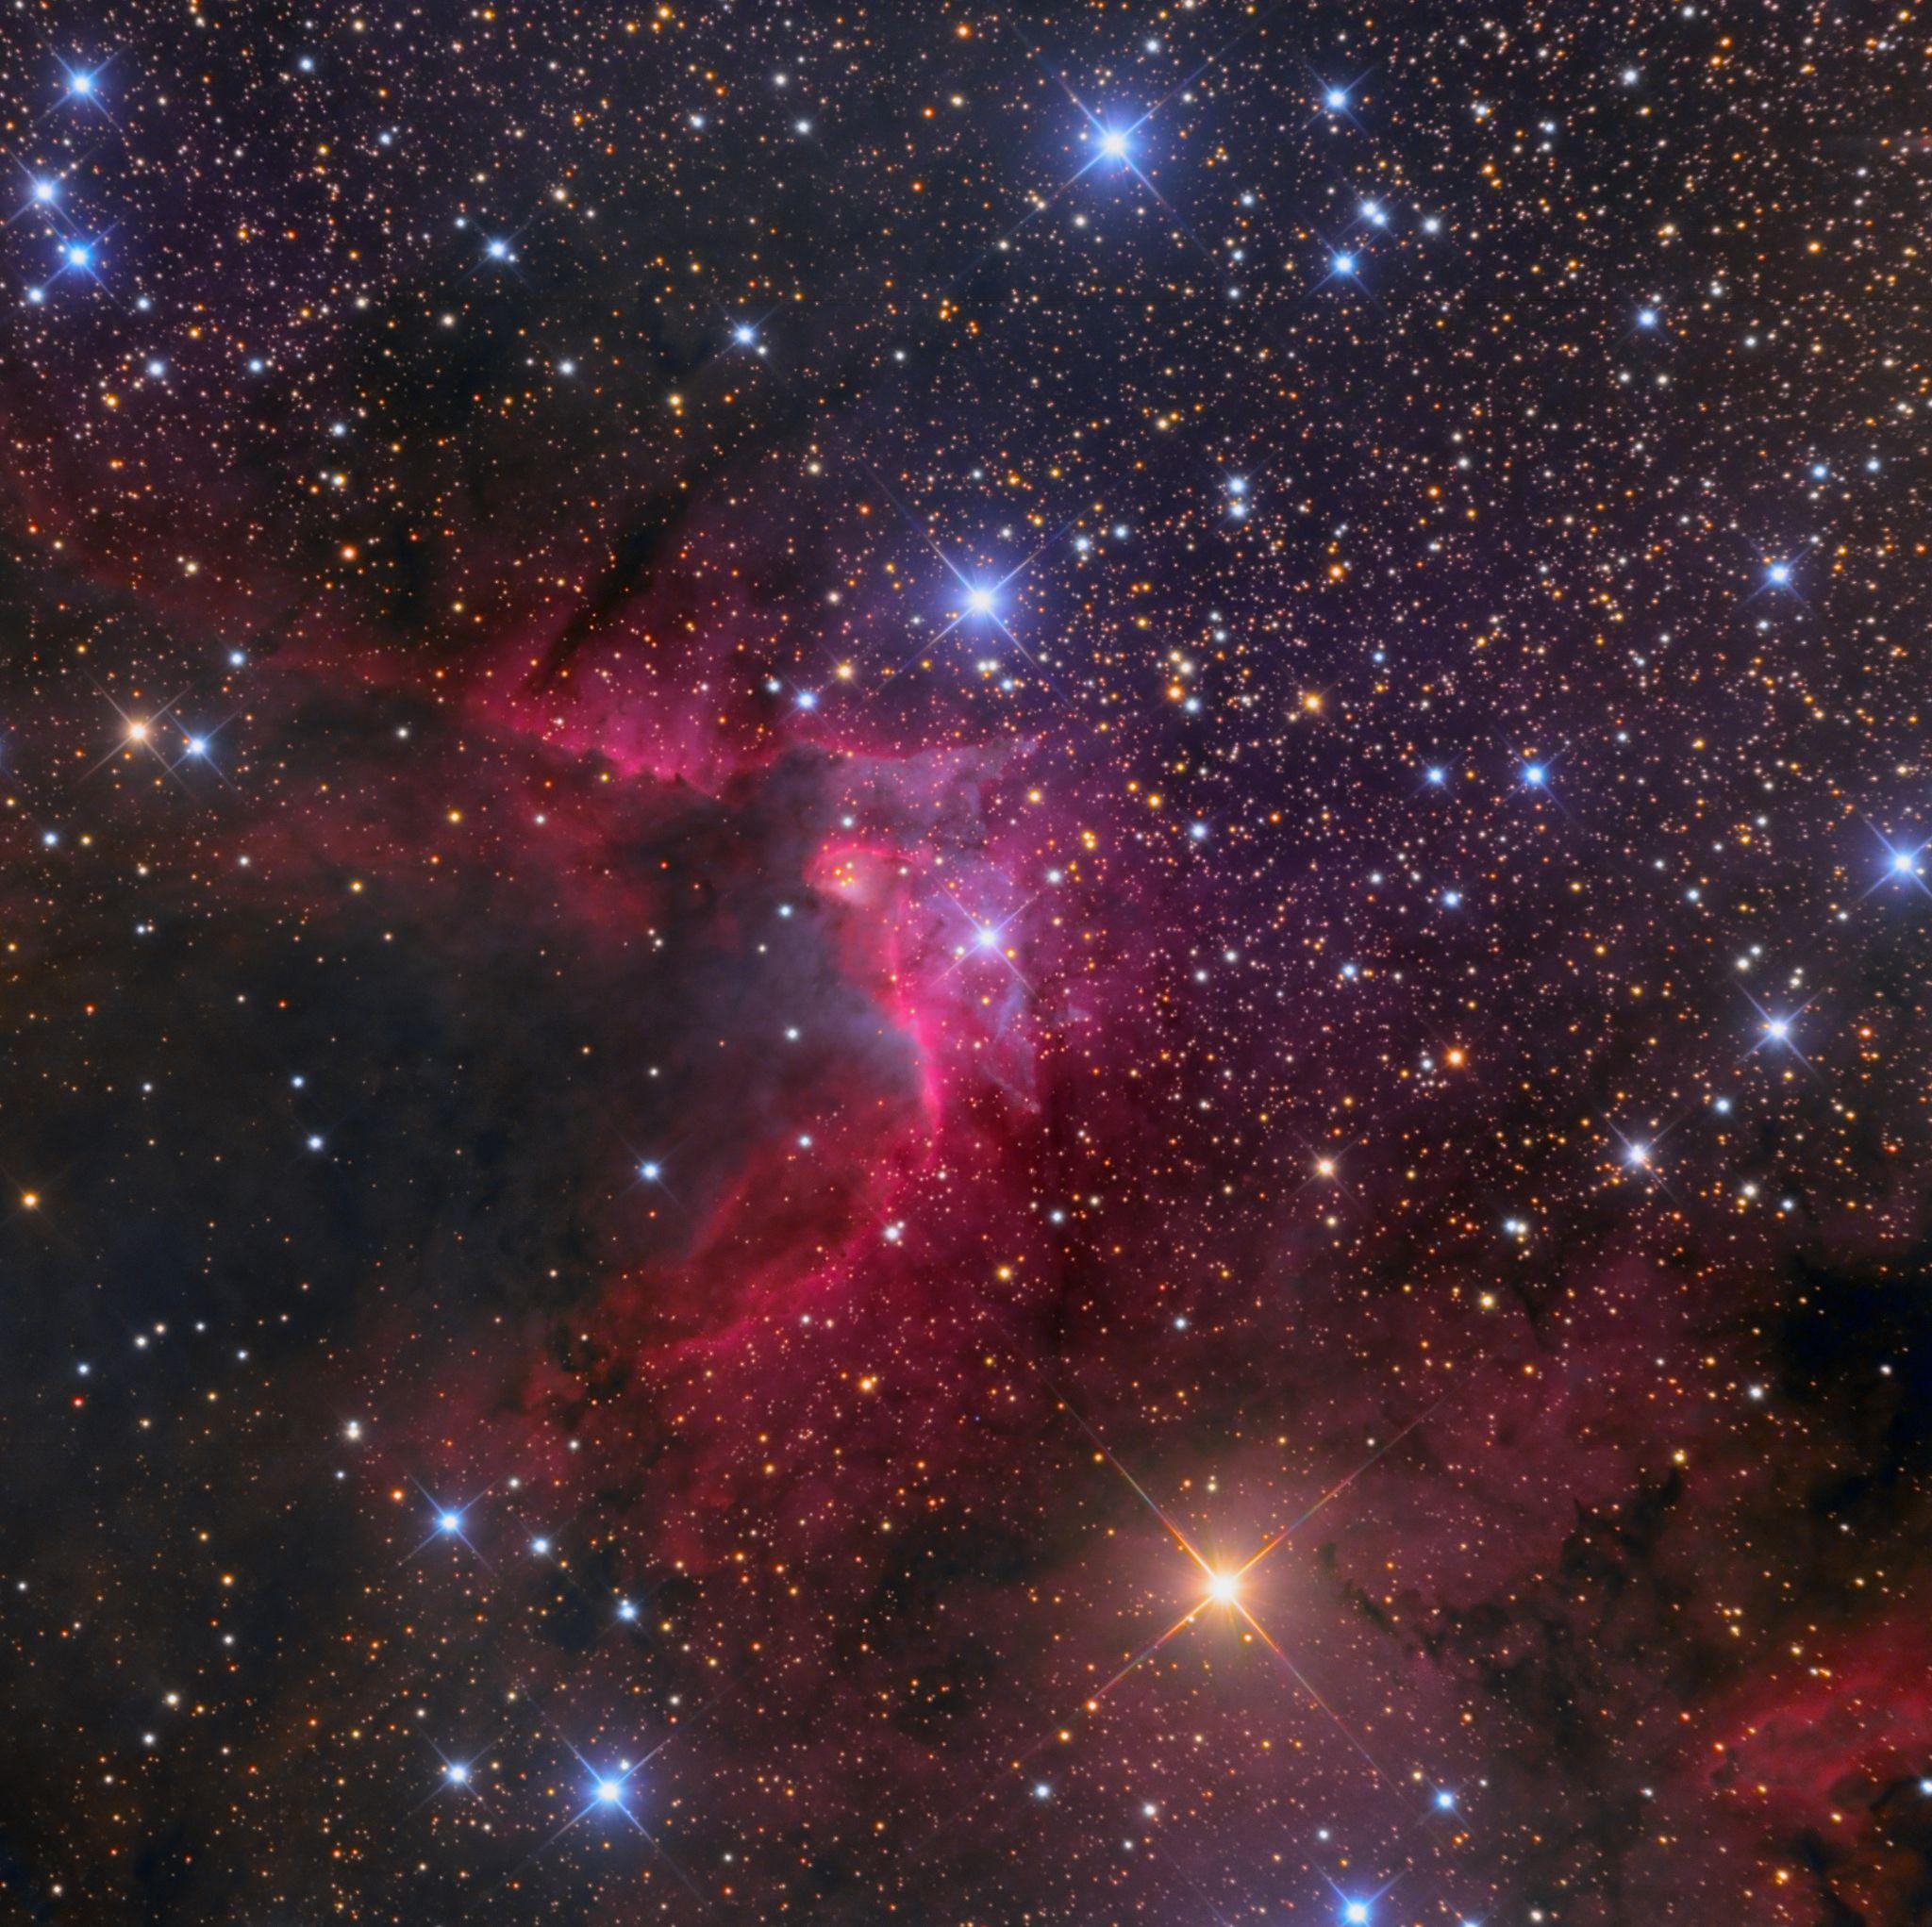 25ade3546fdea524fb63e9e9edaad99b Verwunderlich Das Weltall ist Unendlich Dekorationen